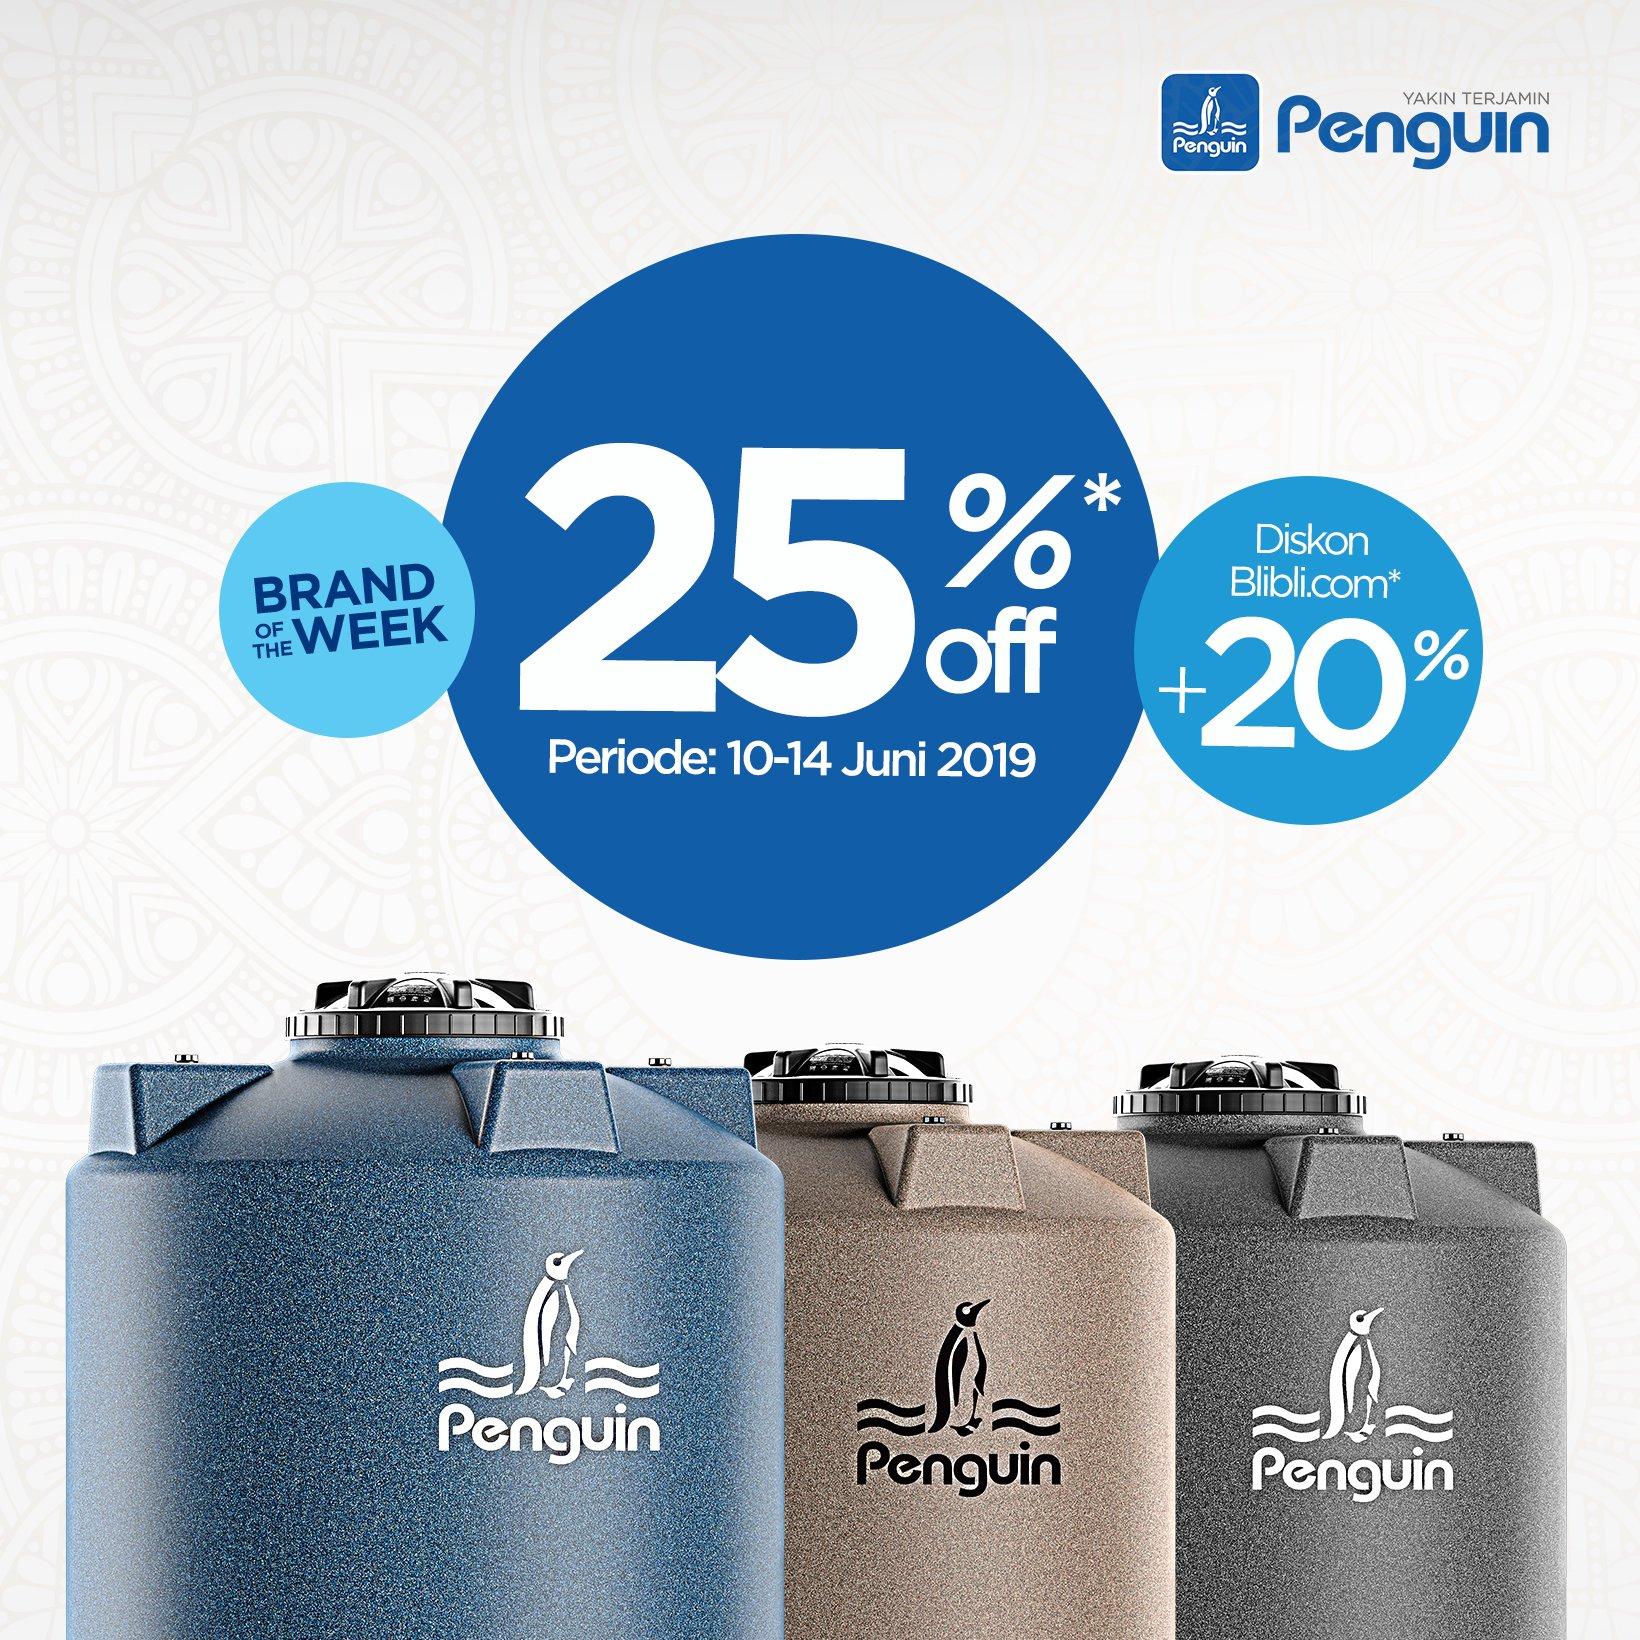 Daftar Harga Tangki Air Penguin Terbaru 2019